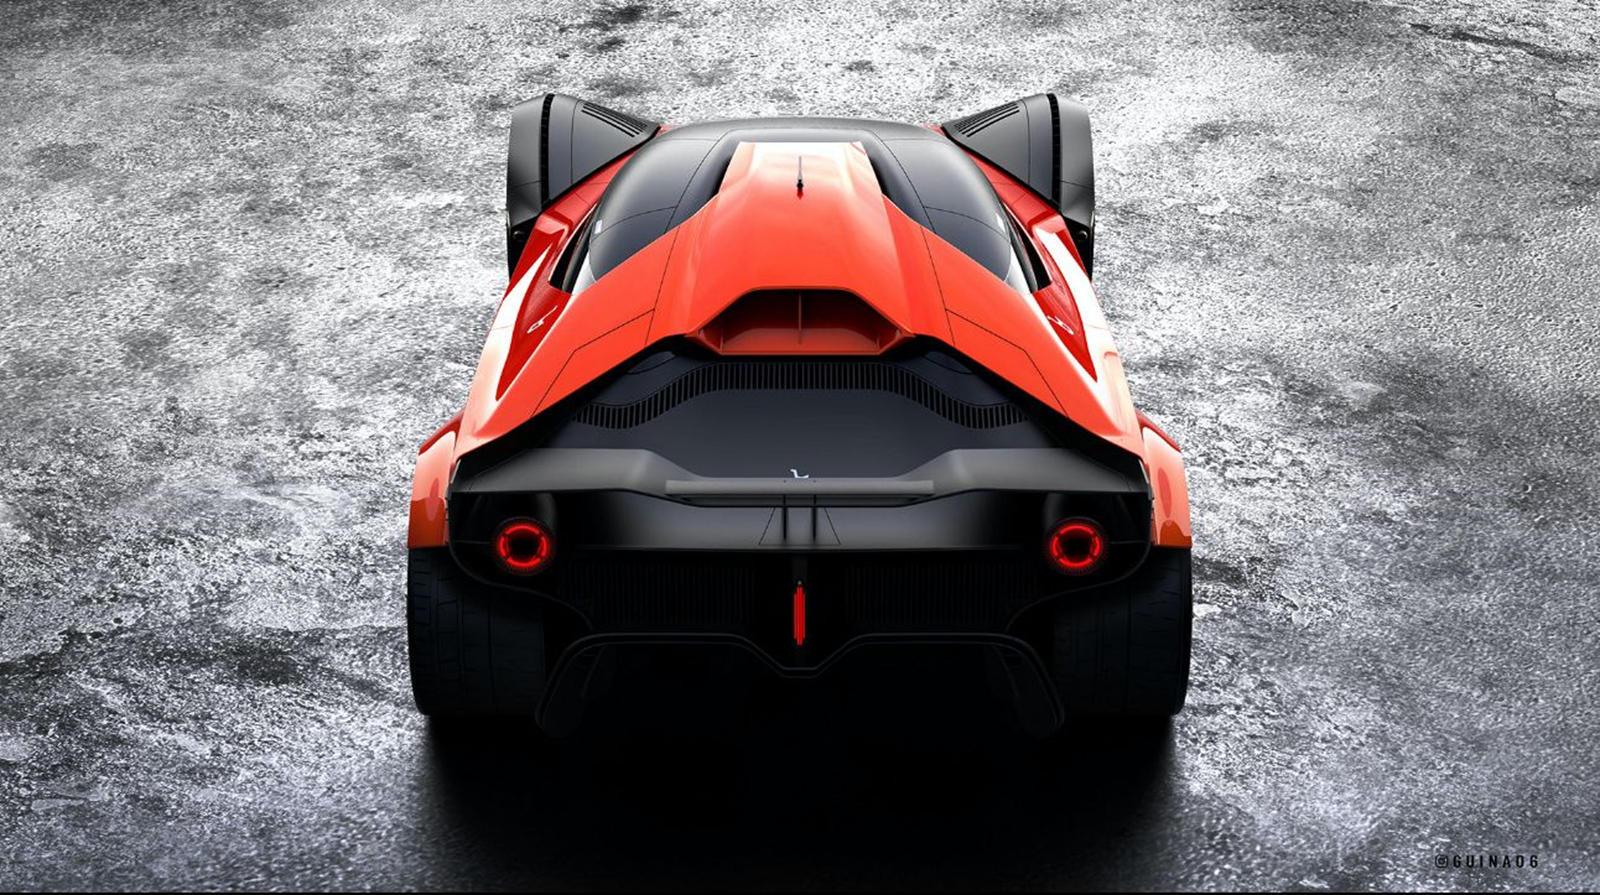 В наши дни Lancia - это тень самого себя. Единственная модель в текущей линейке компании - это супермини Ypsilon, продаваемый исключительно в Италии, но было время, когда итальянский автопроизводитель создавал легендарные раллийные автомобили, такие